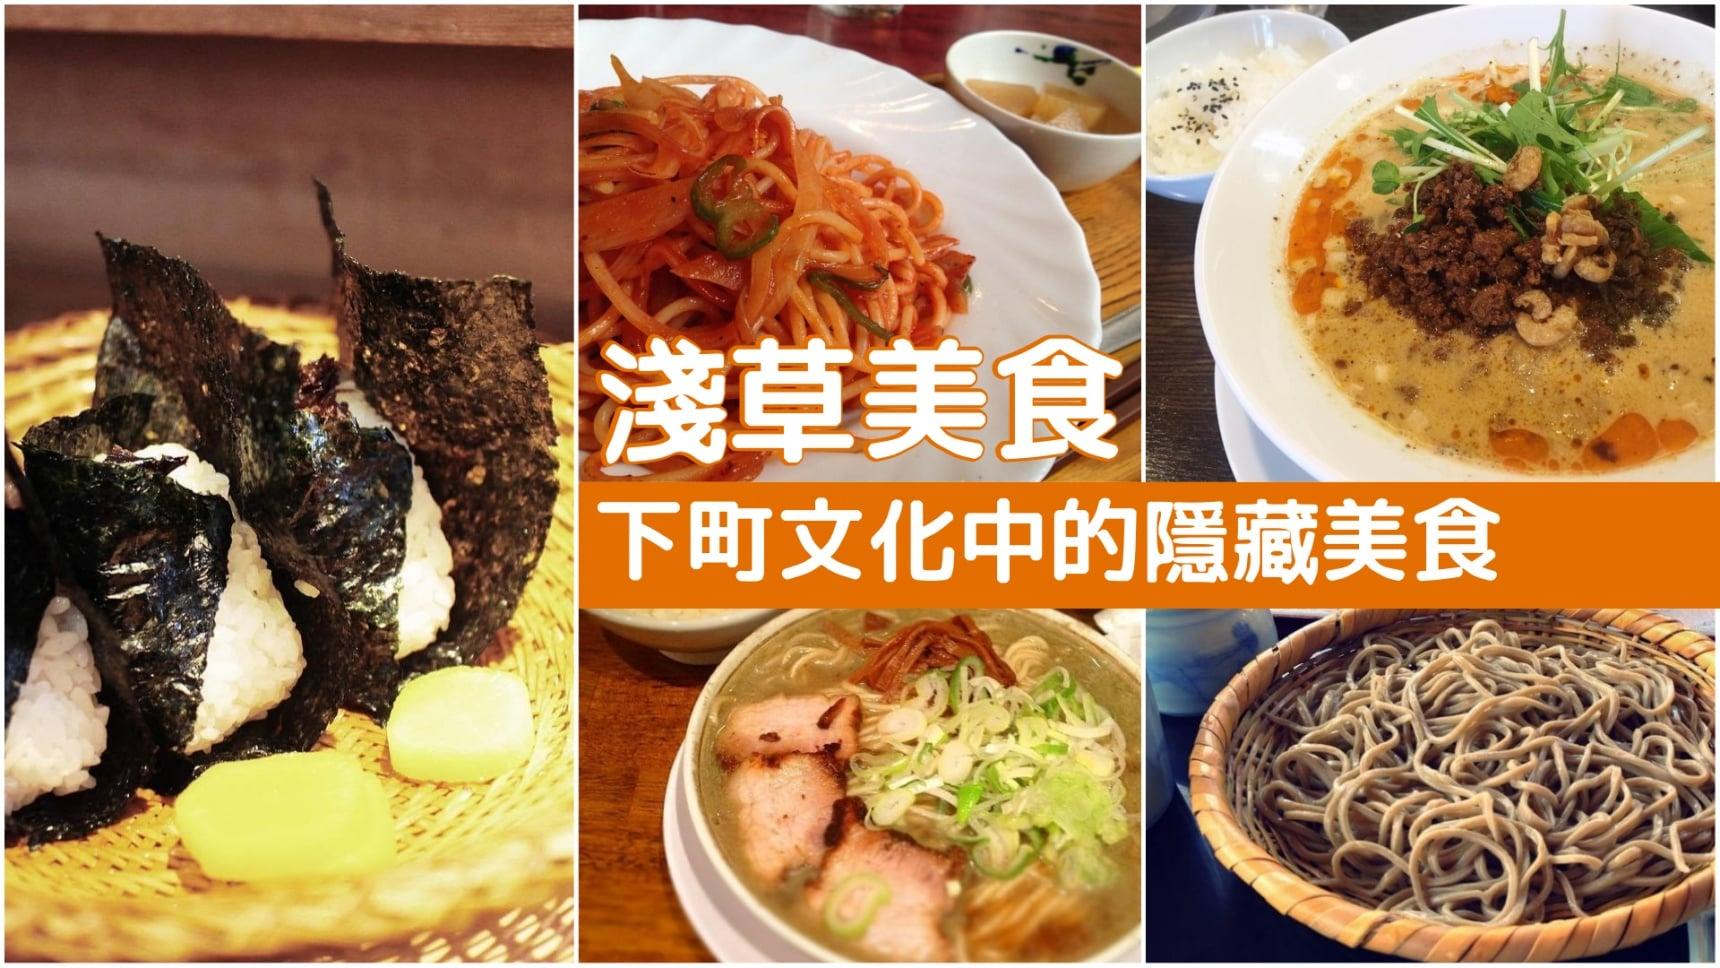 【東京自由行】鄰近淺草寺的10家千圓日幣隱藏版美食